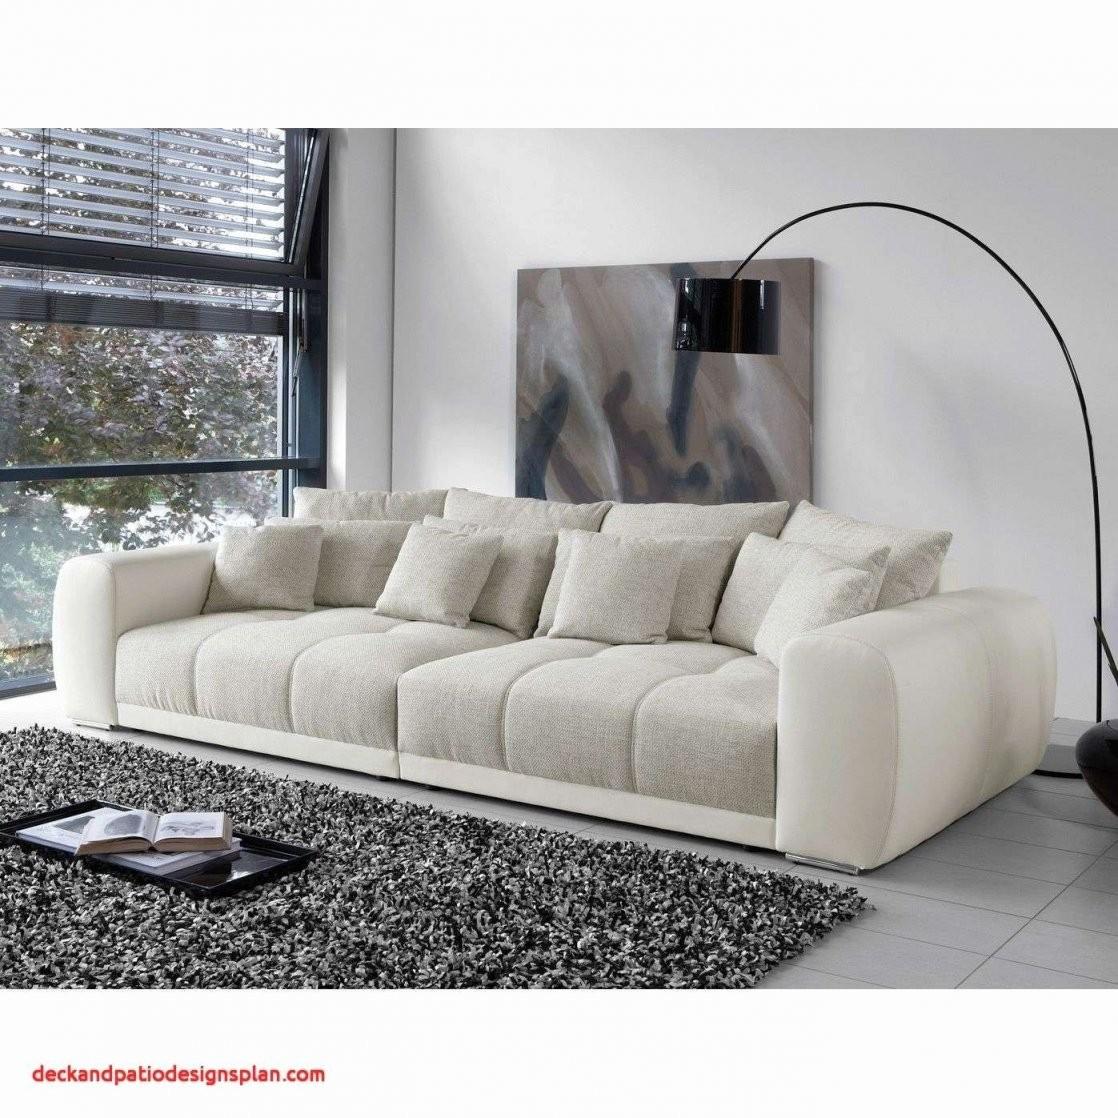 Hervorragend Sofa Selbst Beziehen Sessel Aufpeppen Neu von Sofa Selbst Neu Beziehen Photo